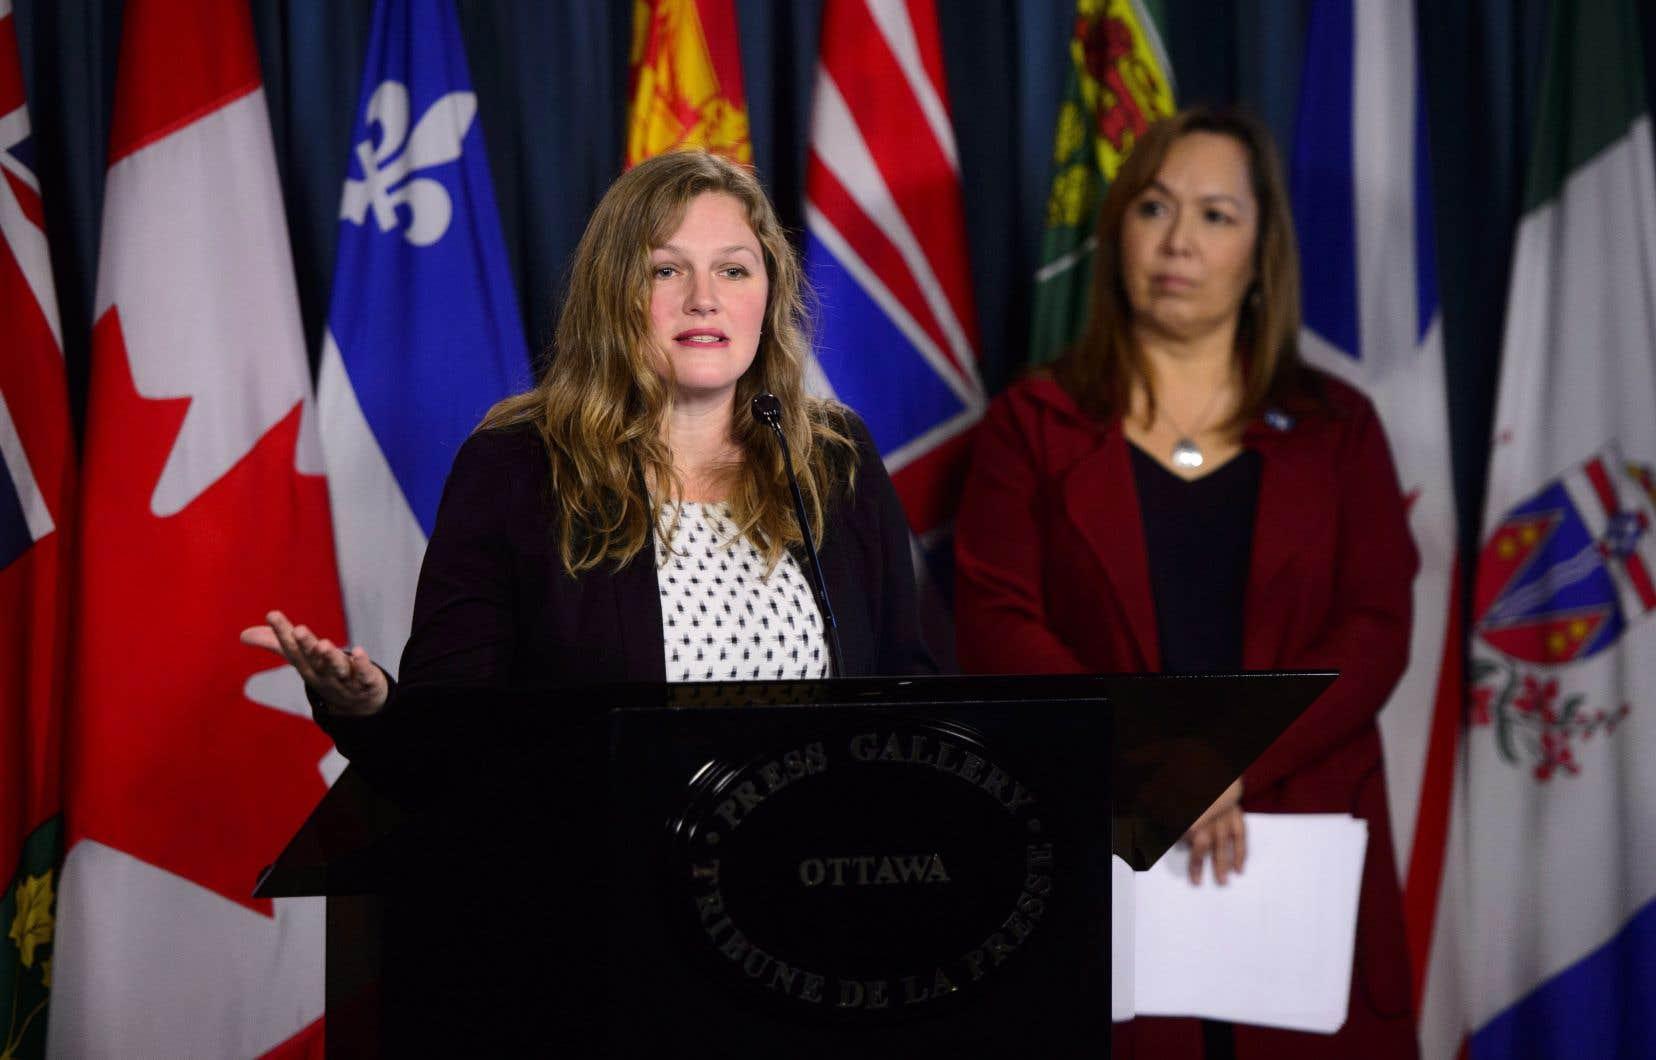 Francyne Joe, présidente de l'Association des femmes autochtones du Canada (à droite) et Jacqueline Hansen, militante d'Amnesty International au Canada, lors d'une conférence sur la colline du Parlement à Ottawa le vendredi 7 décembre 2018.